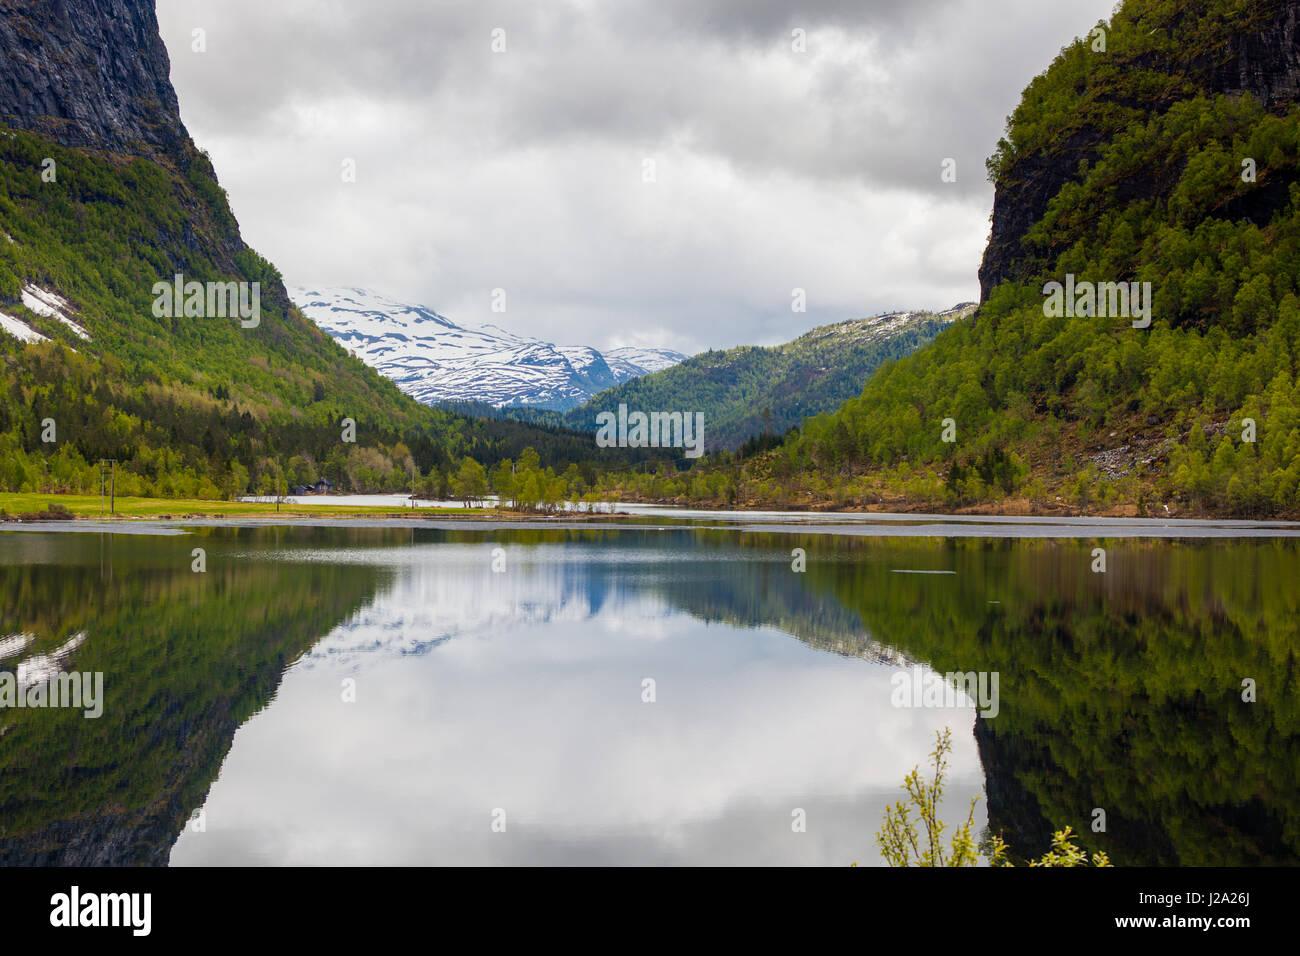 Paysage typique de l'ouest de la Norvège Banque D'Images